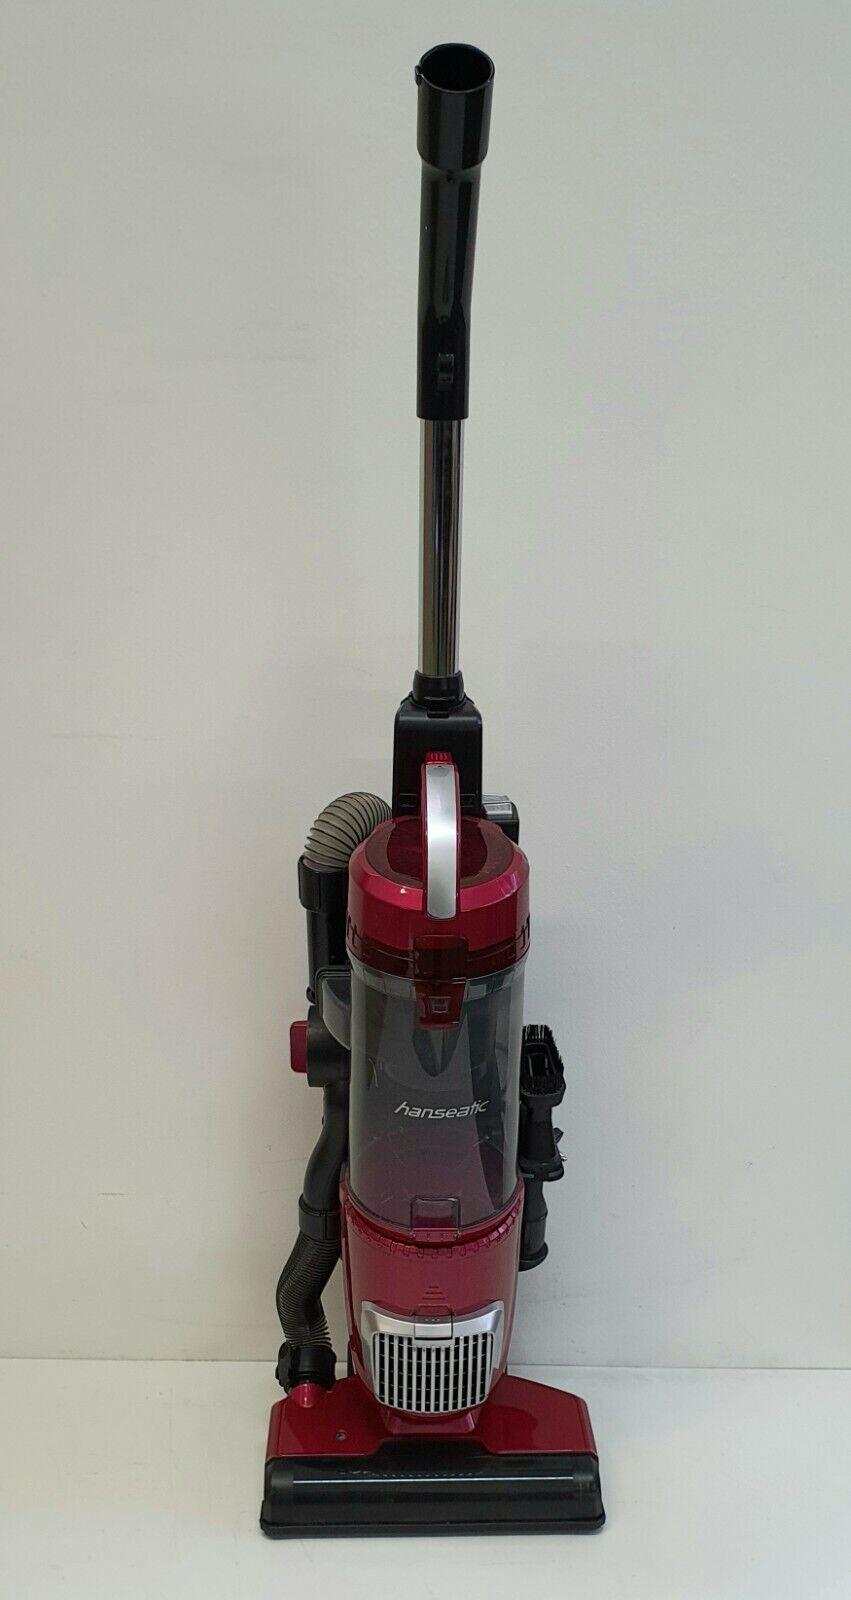 Hanseatic Bürstsauger VUS30ASS50A, 700 Watt, beutellos (HB0909-2)